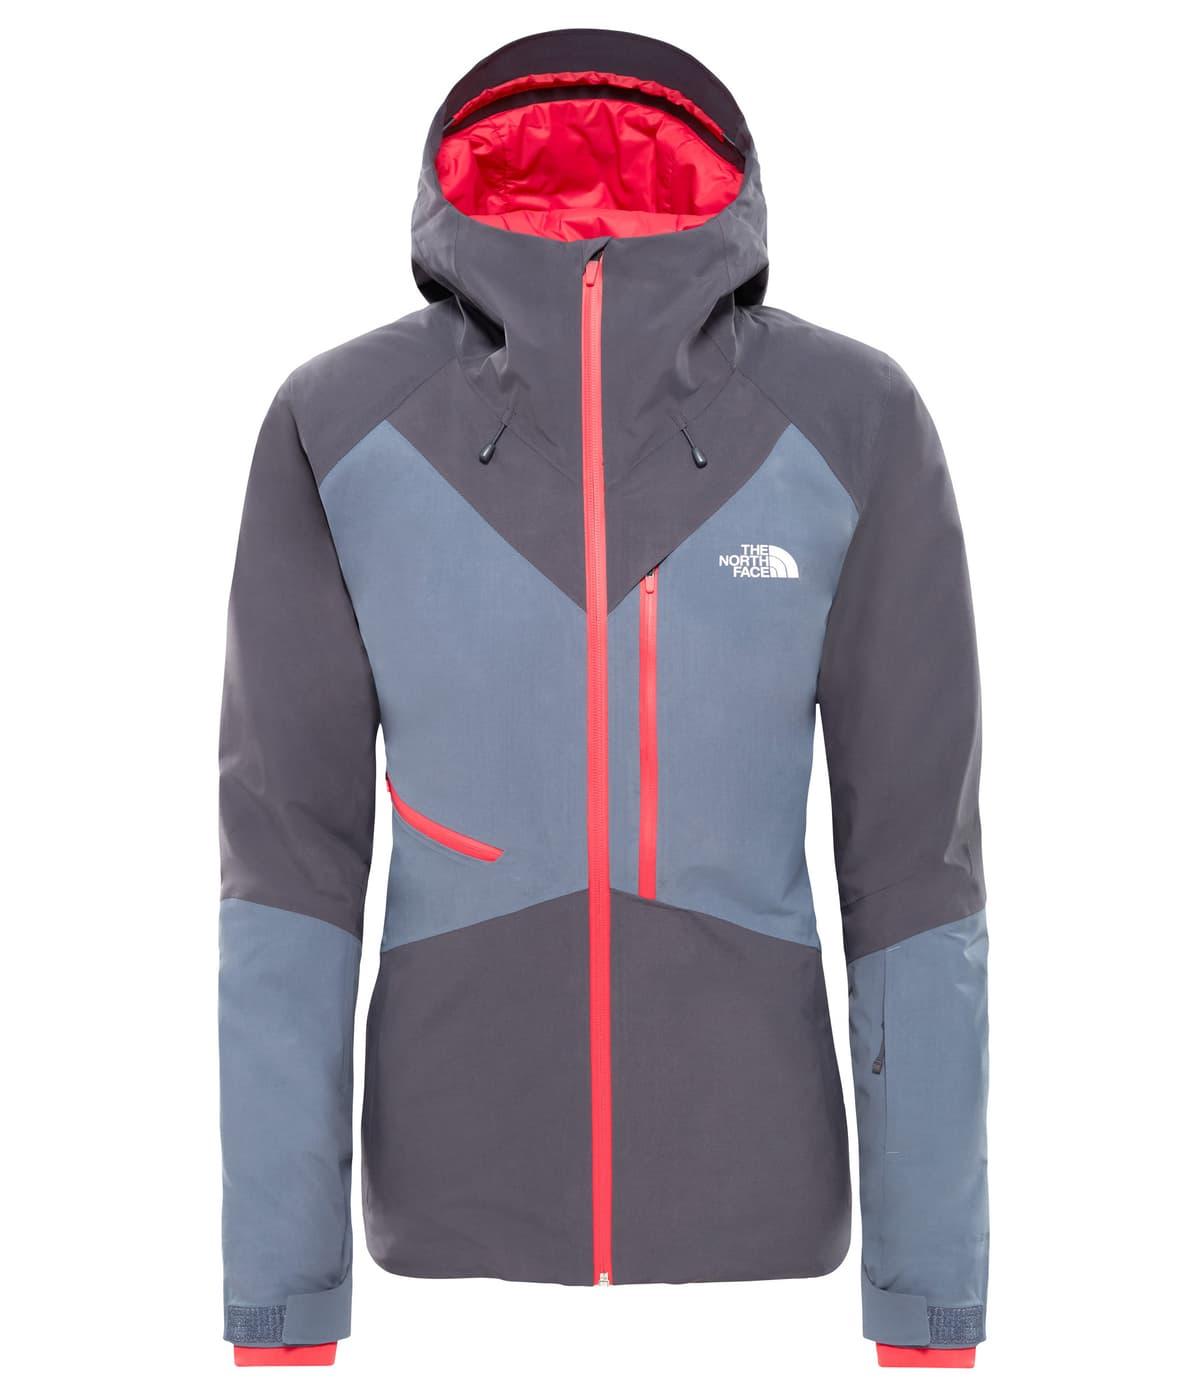 taille 40 8a490 ff5be The North Face Lostrail Jacket Veste de ski pour femme